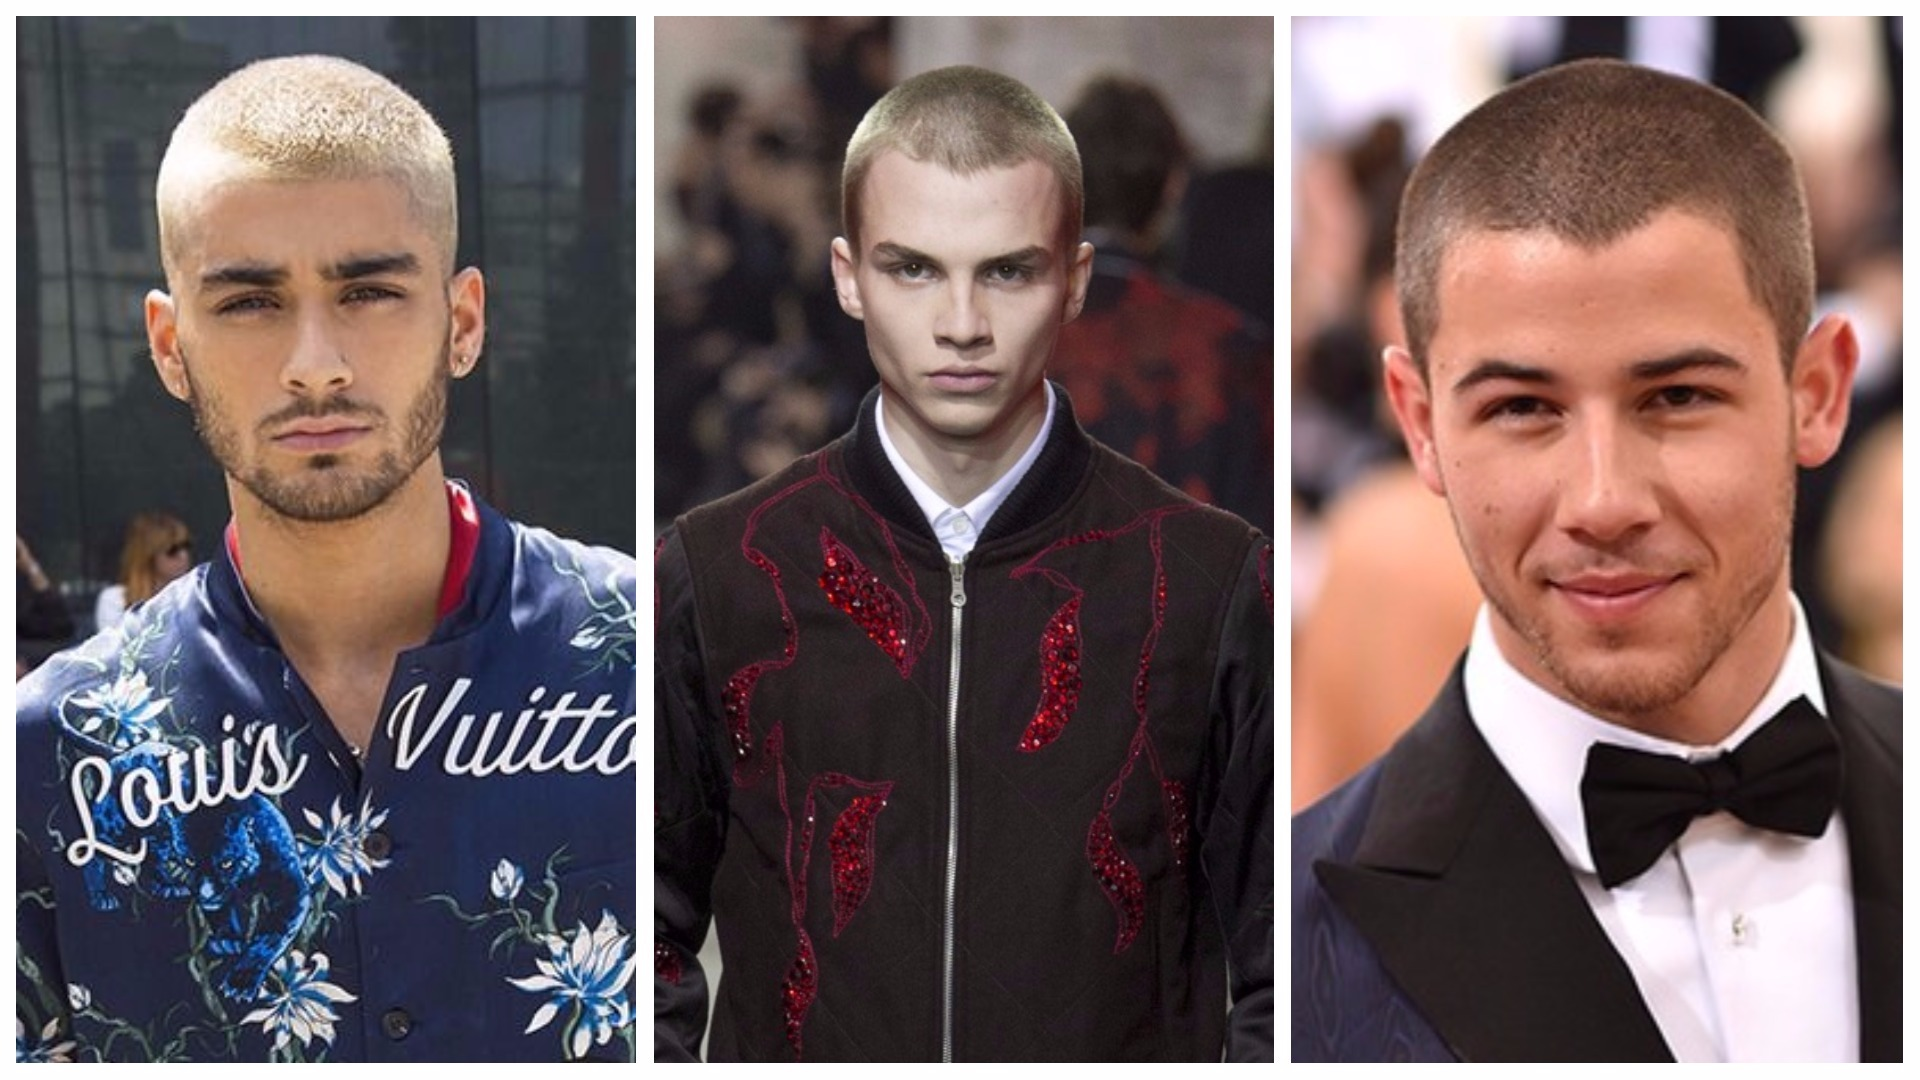 Coupe de cheveux pour hommes avec la sГ©paration au milieu